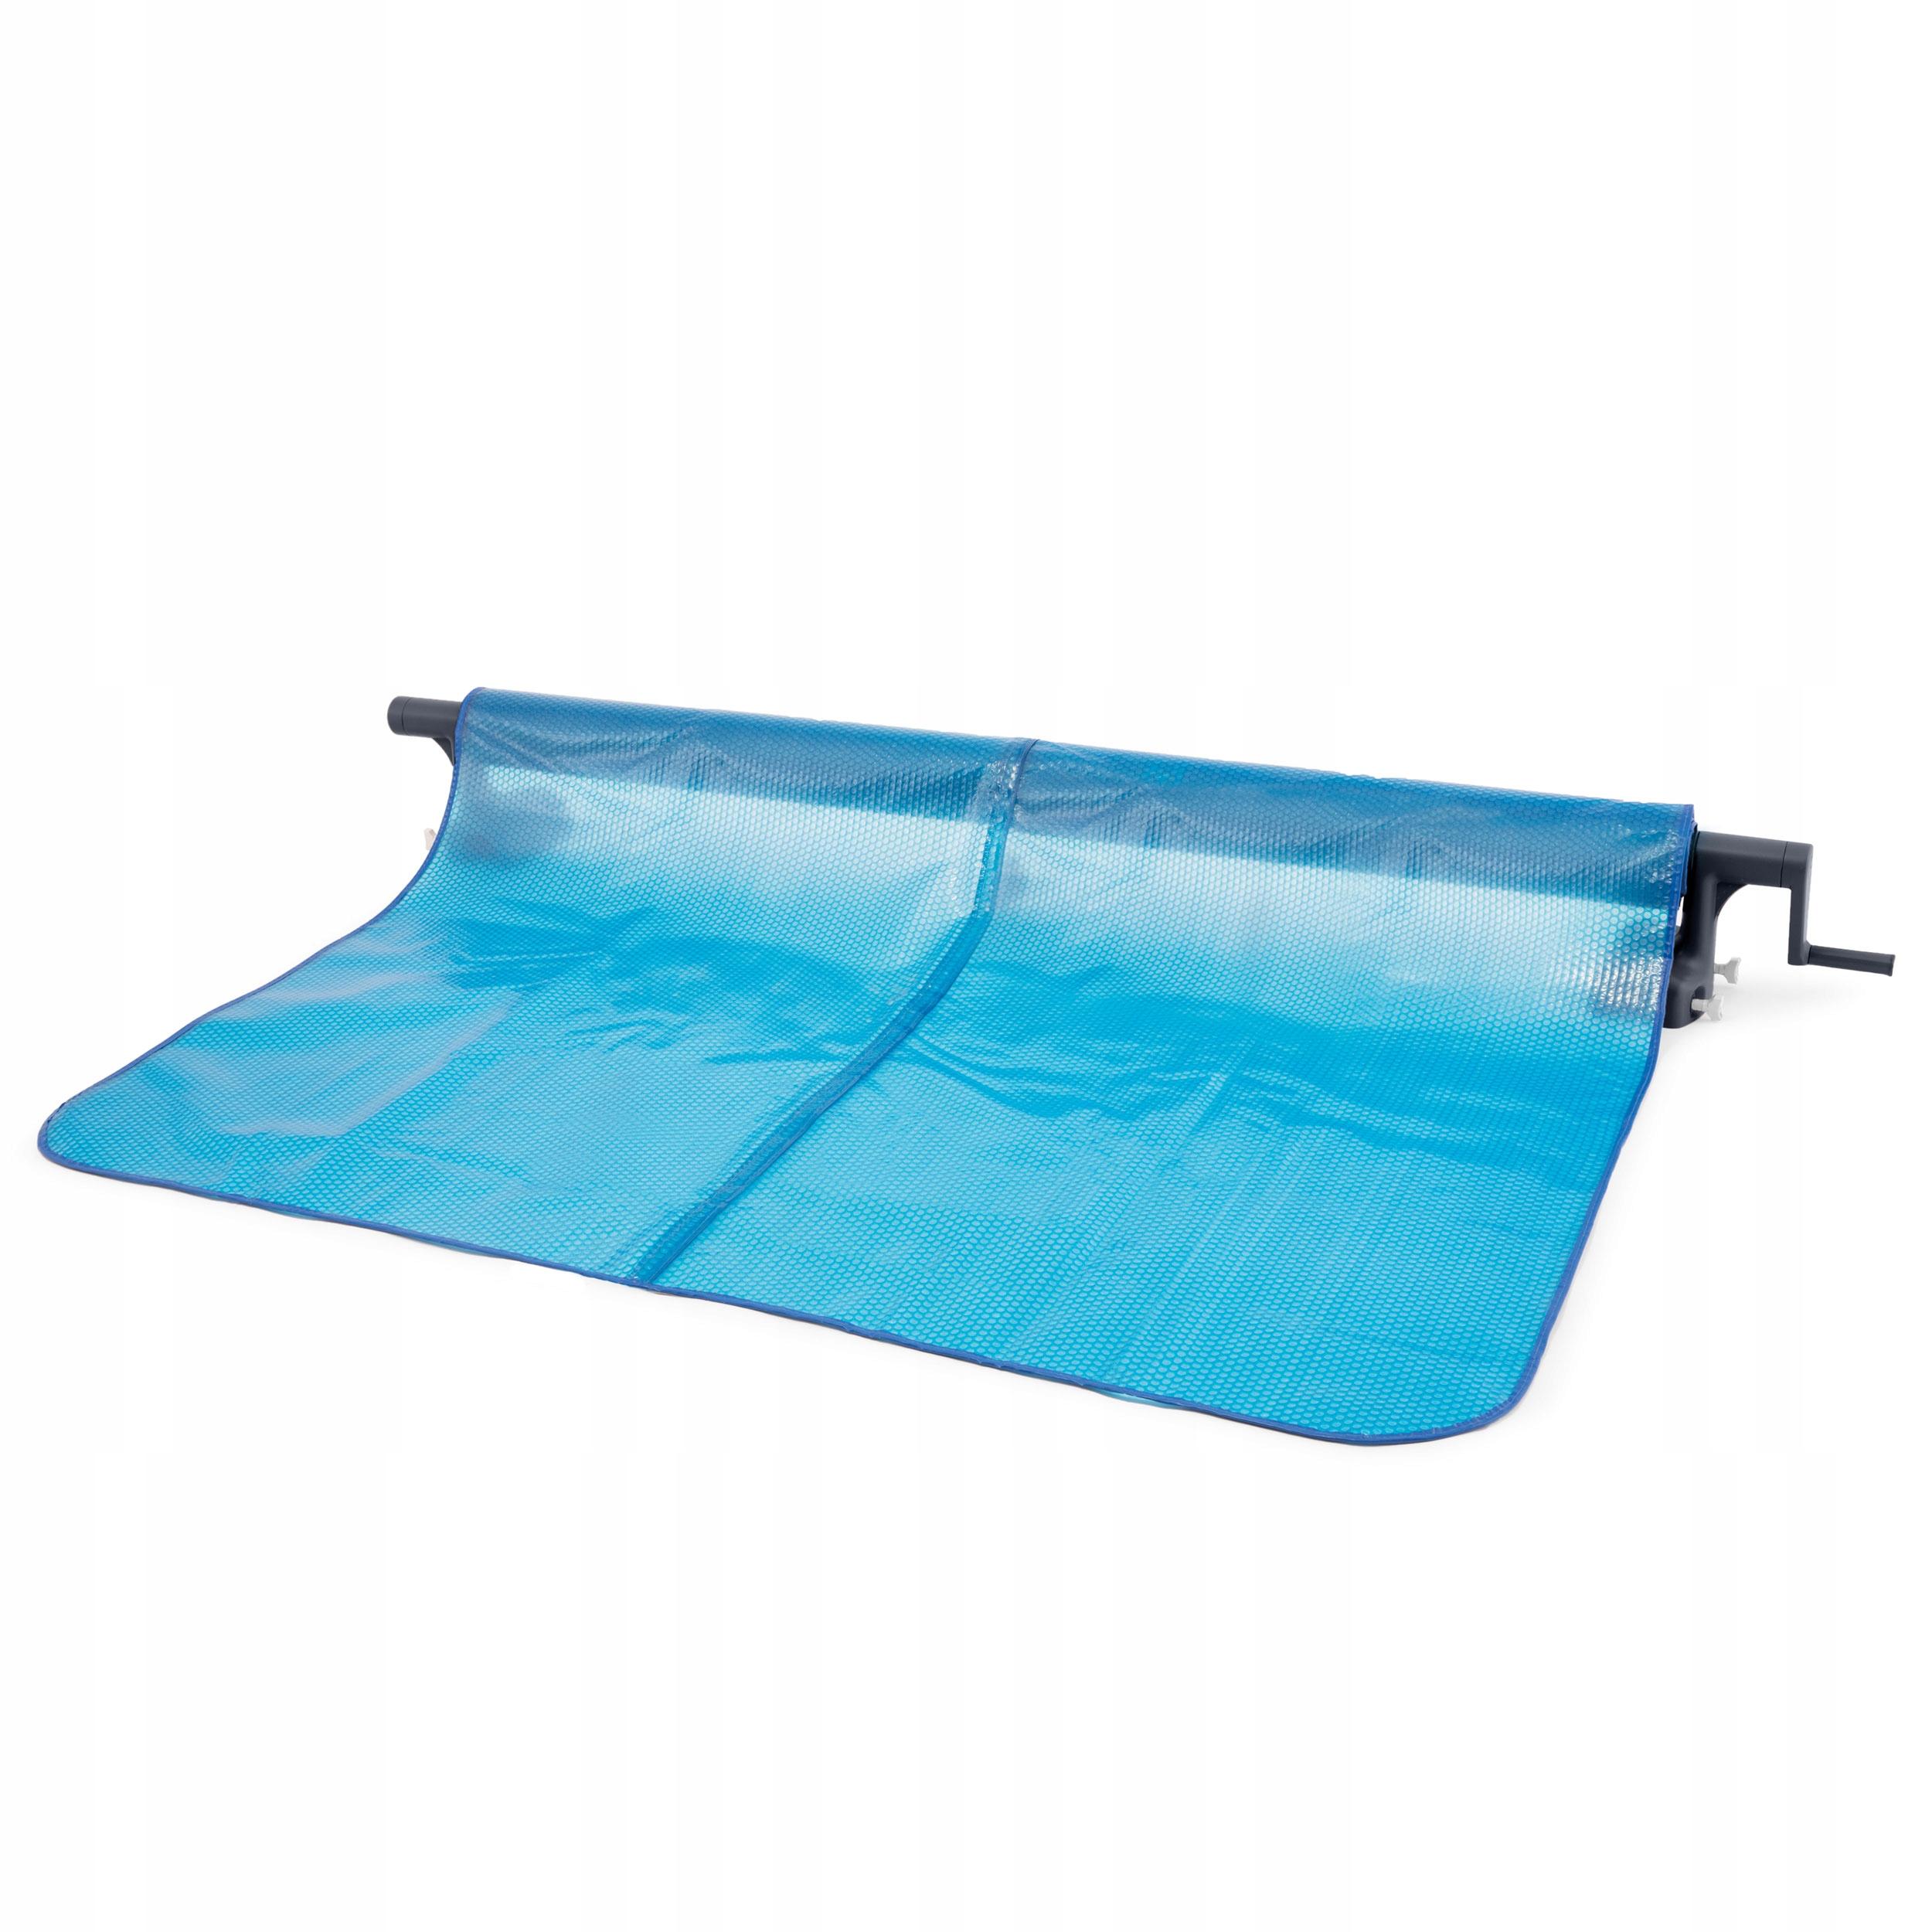 Ролик для покрытия бассейна 274 488 см INTEX 28051